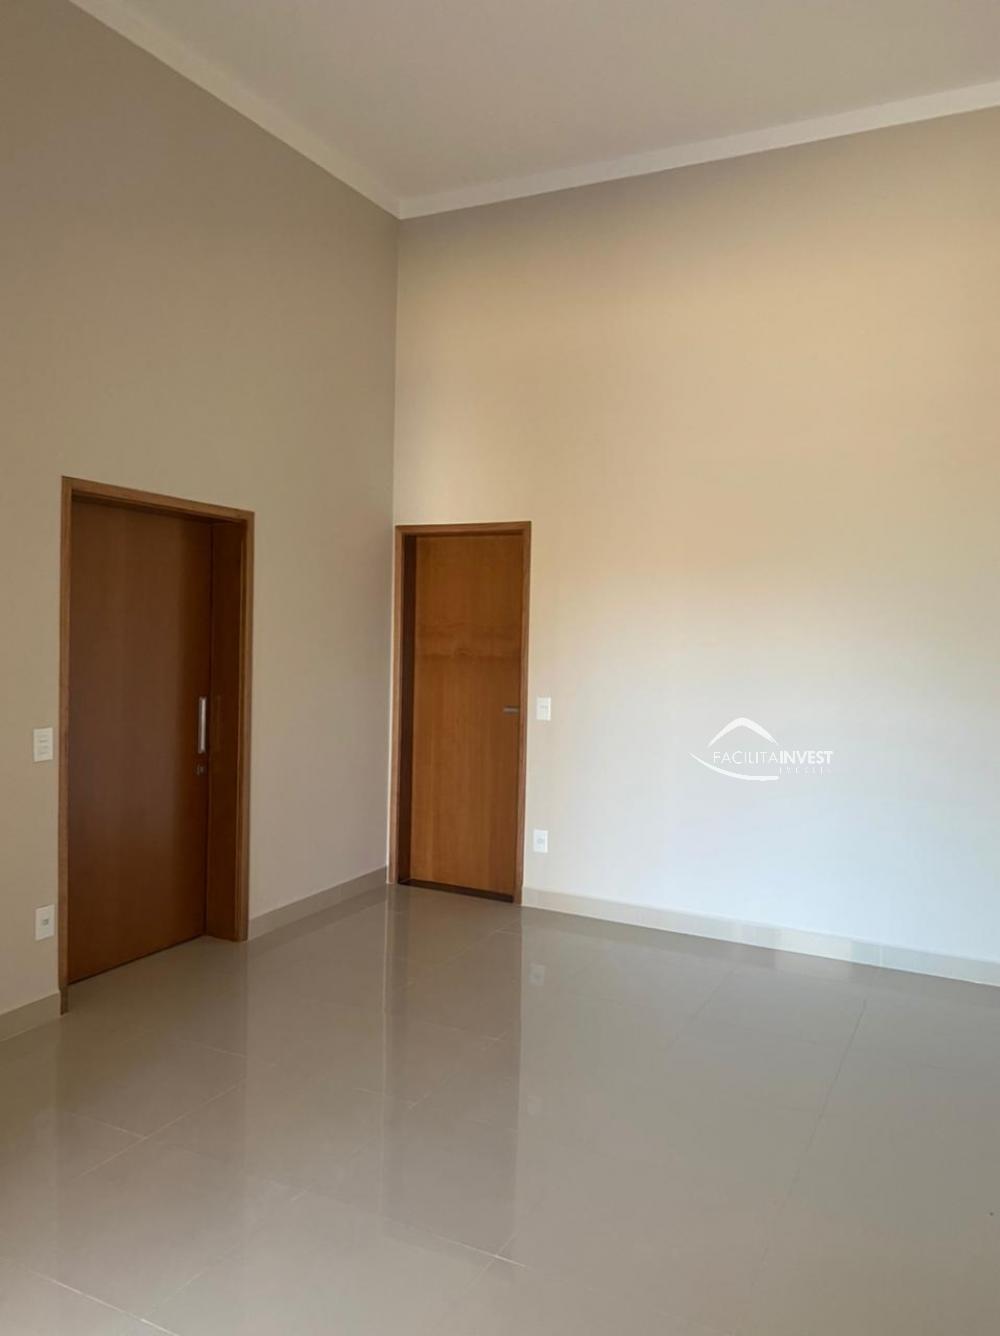 Comprar Casa Condomínio / Casa Condomínio em Ribeirão Preto R$ 875.000,00 - Foto 3